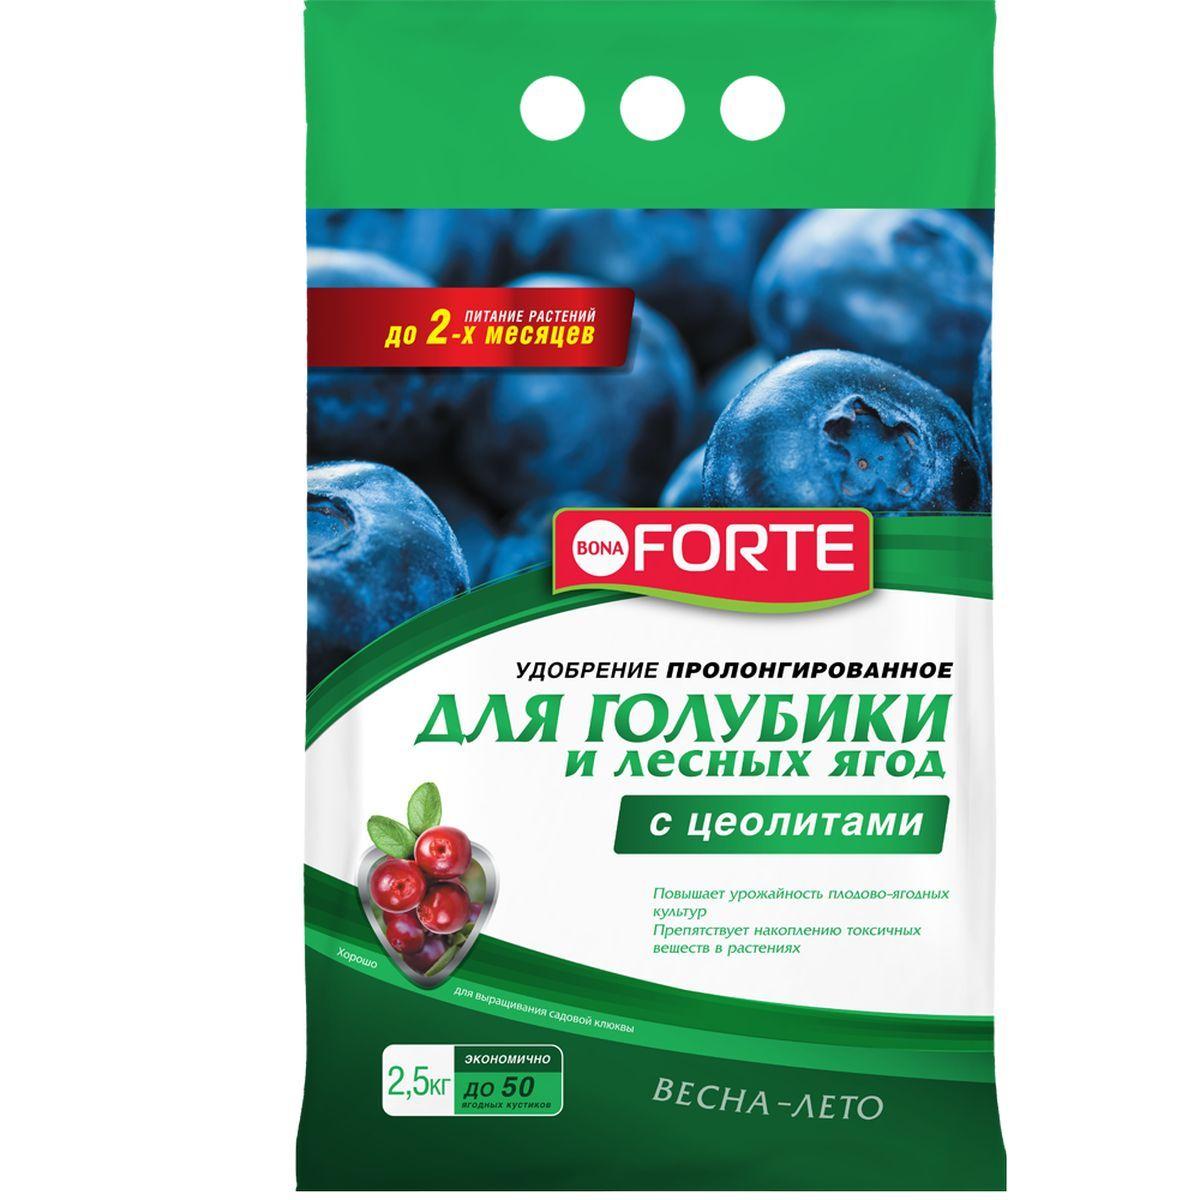 Удобрение Bona Forte, для голубики и лесных ягод, с цеолитом, 2,5 кг391602Для голубики, брусники, клюквы, ягодных и декоративных кустарников.Стимулирует образование завязей, увеличивает урожай, оздоравливает корневую систему растений.Удобрения дополнительно обогащены ЦЕОЛИТОМ, который имеет уникальные полезные свойства:- удерживает влагу и питательные вещества в корнеобитаемой зоне растений;- снижает стрессы растений при посадке и пересадке;- обеспечивает оптимальный воздушный режим даже при максимальном насыщении грунта водой;- делает удобрения пролонгированными.